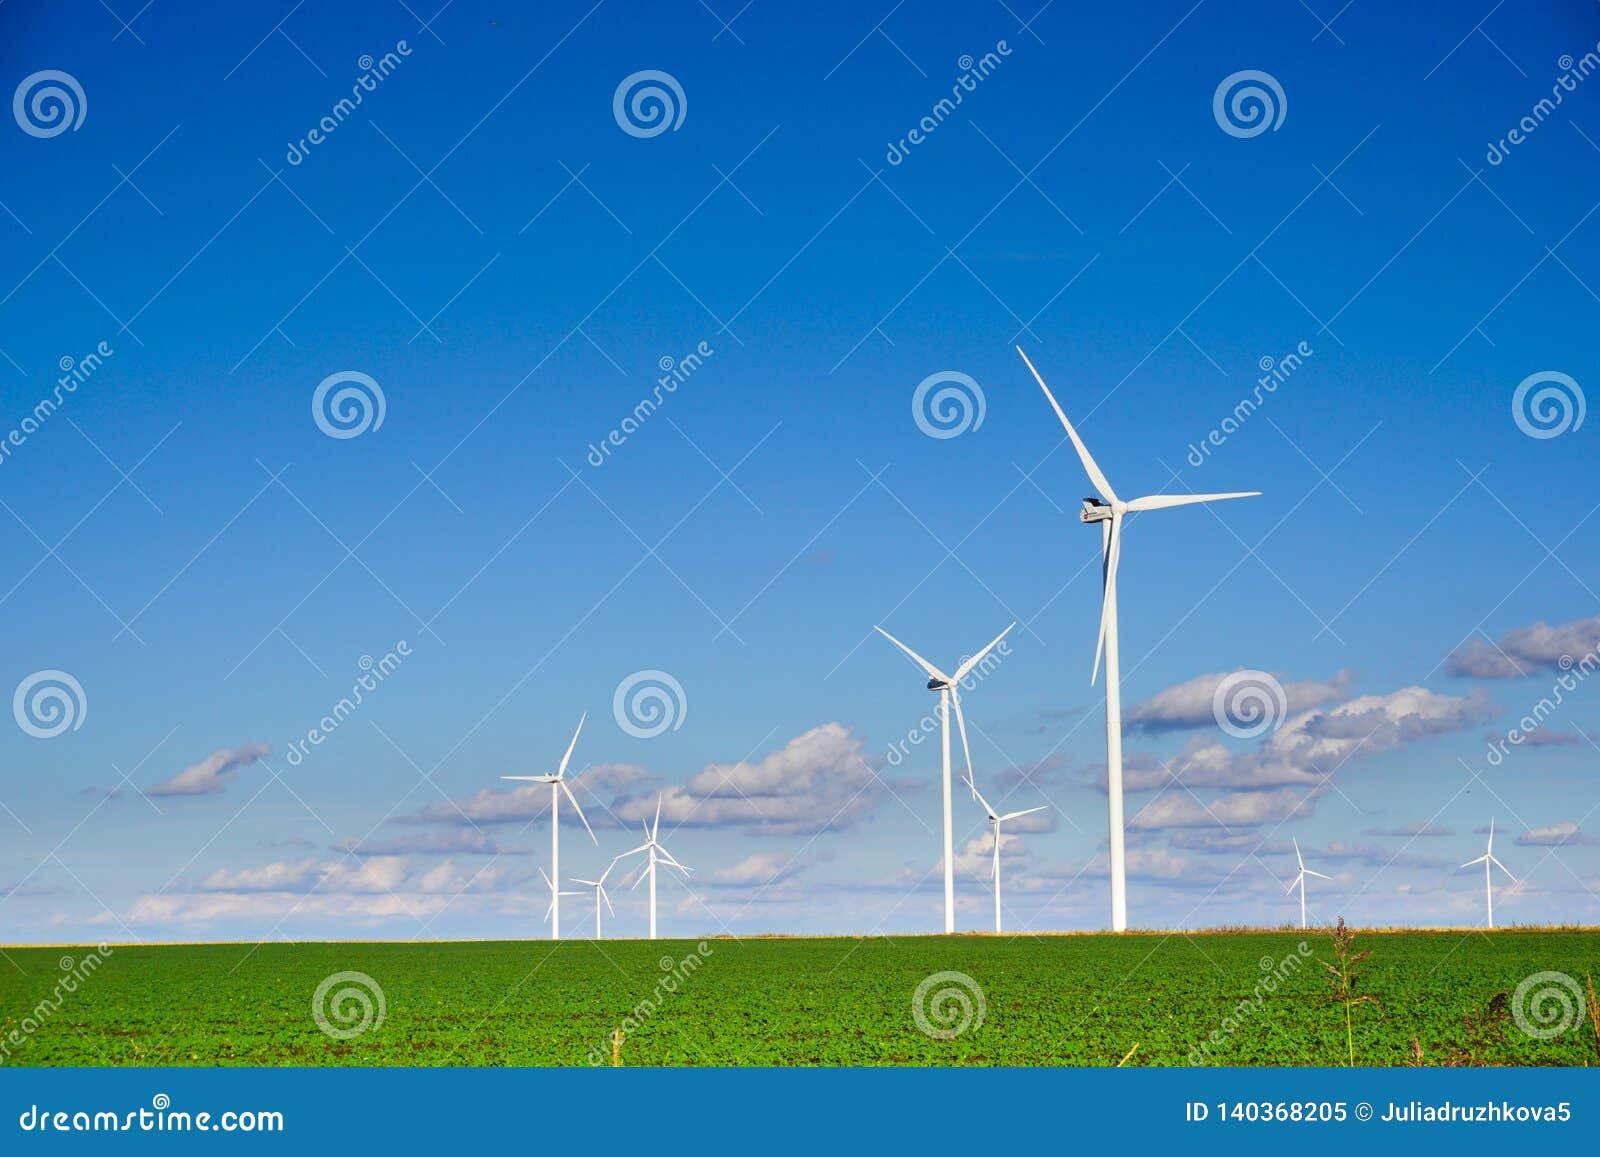 Siła wiatru roślina składa się kilka silniki wiatrowych stoi w polu przeciw niebieskiemu niebu